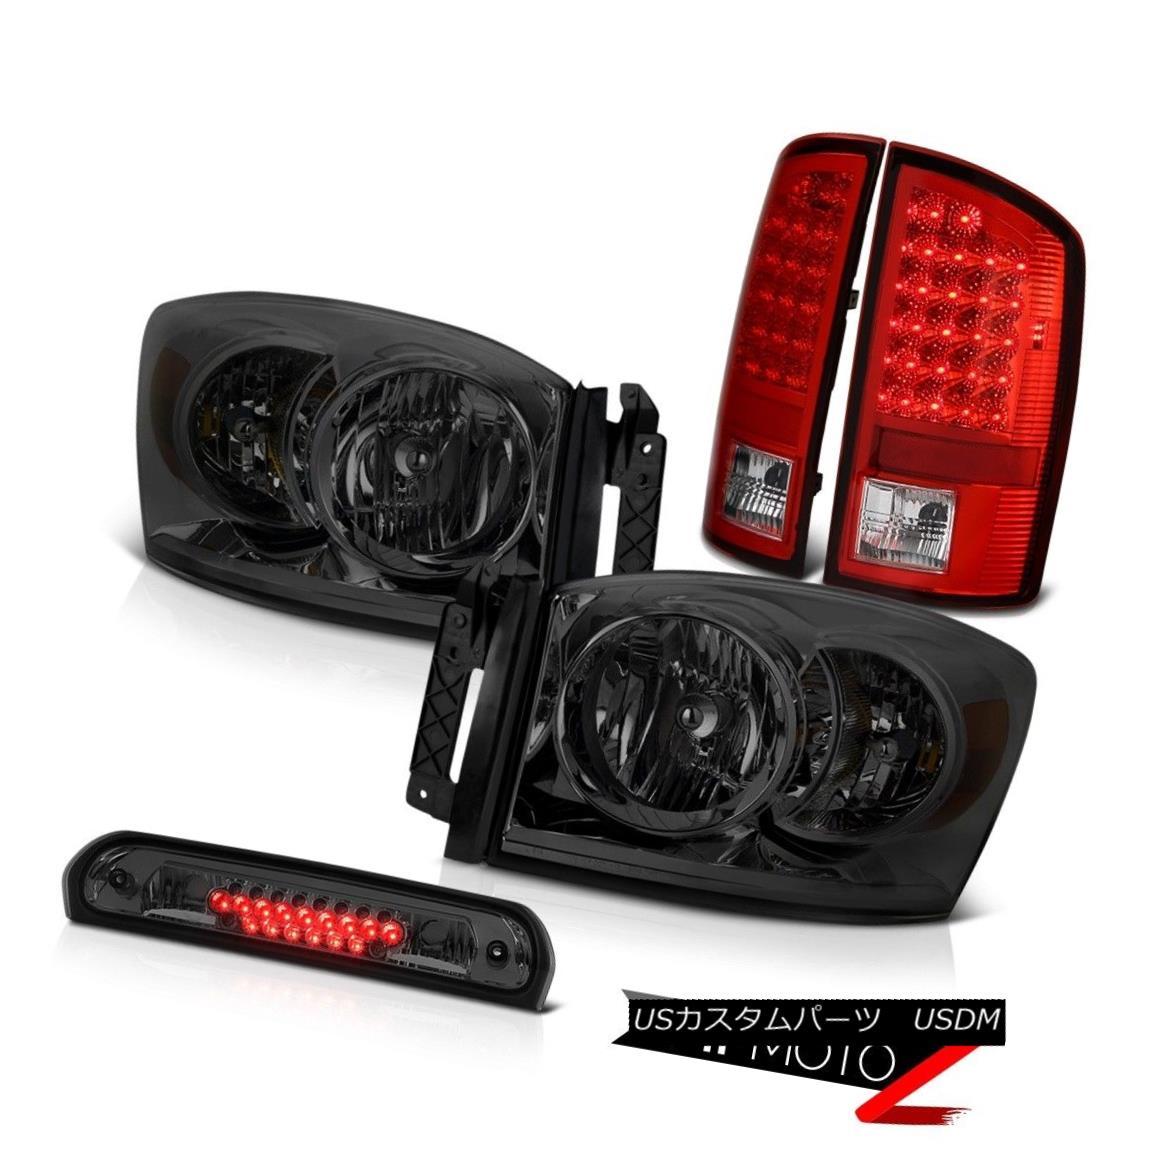 ヘッドライト Tinted Crystal Headlamps LED Signal Taillamps Third Brake Cargo 07 08 Ram Hemi ティンテッドクリスタルヘッドランプLEDシグナルタイヤランプ第3ブレーキカーゴ07 08ラムヘミ